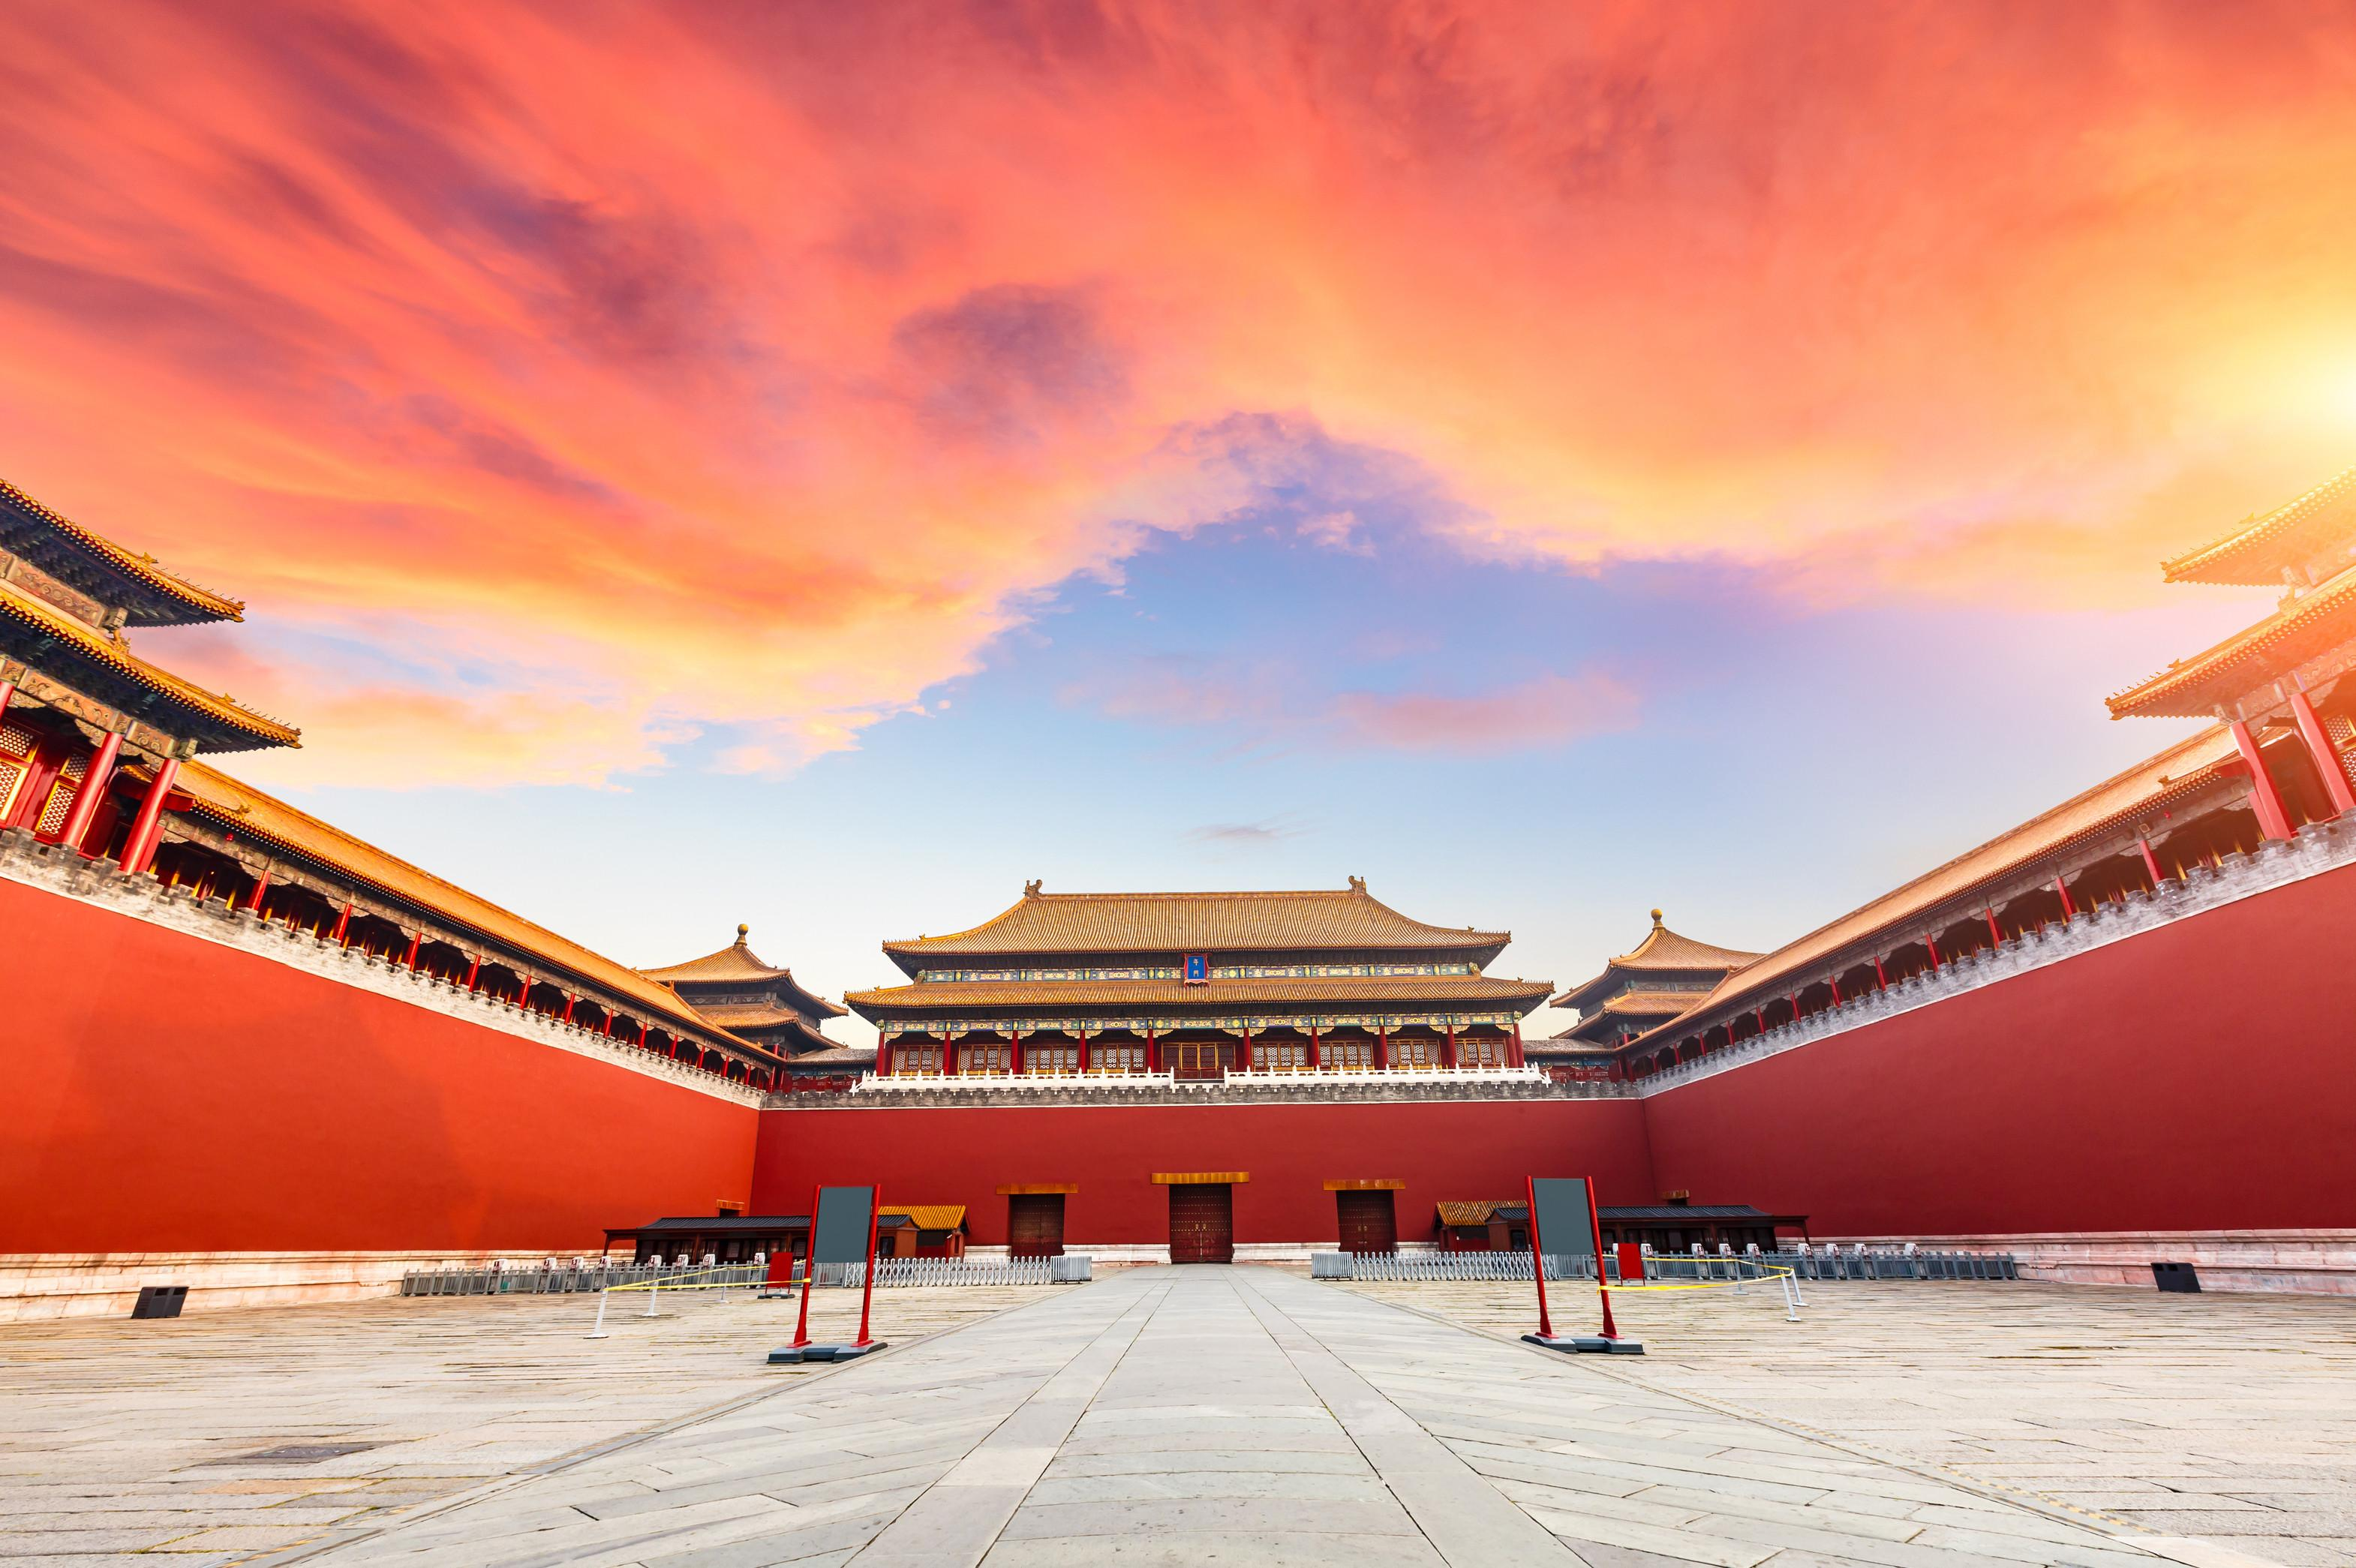 北京巴士5日当地游[一车双导]特色景点一览无余,观升旗仪式,听导游讲述北京故事,赠天安门集体照留住美好回忆